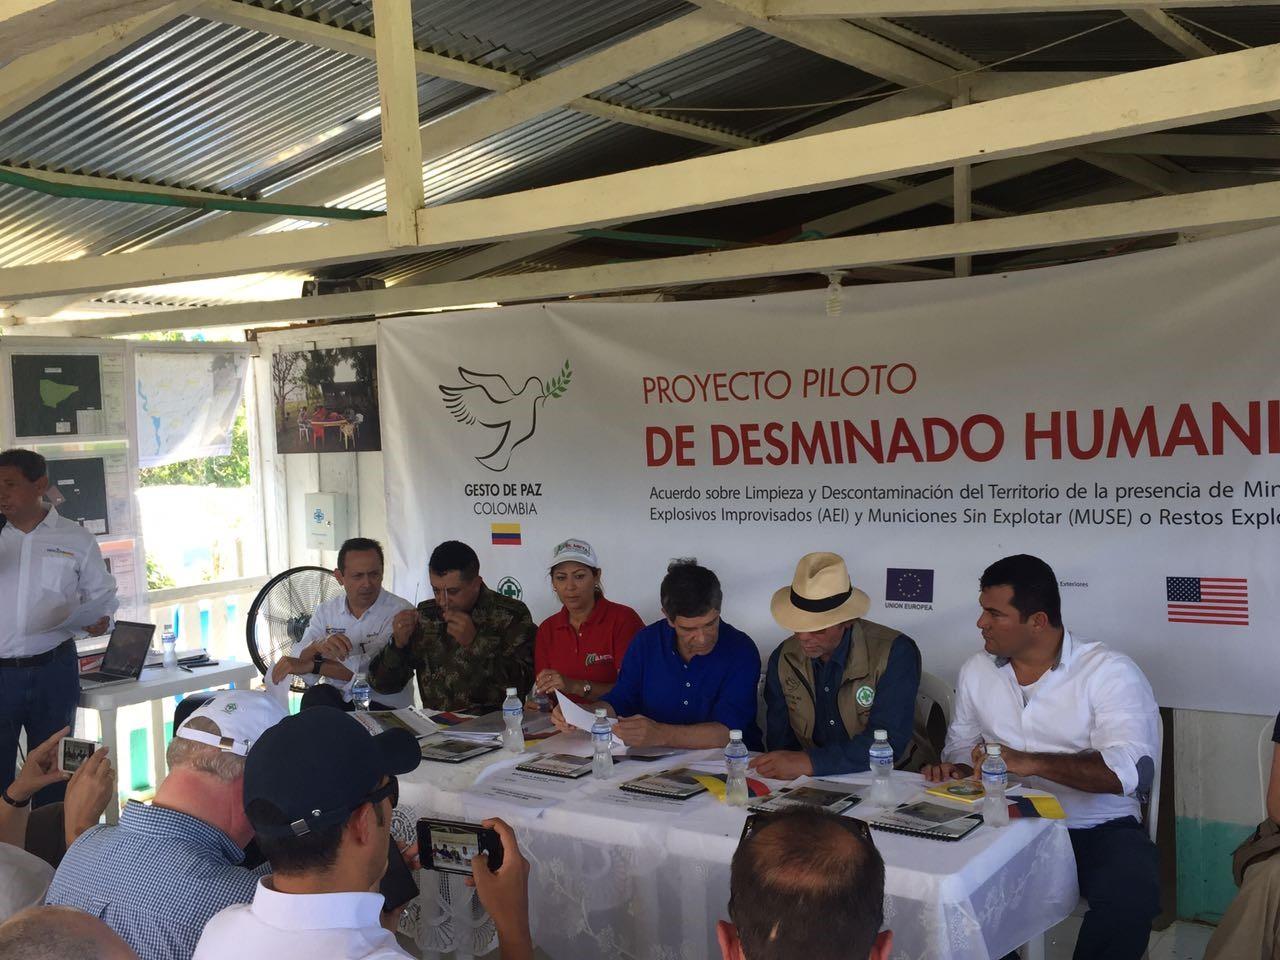 El Meta recibió certificación de territorio libre de sospecha de minas antipersonales para la vereda Santa Helena, en Mesetas